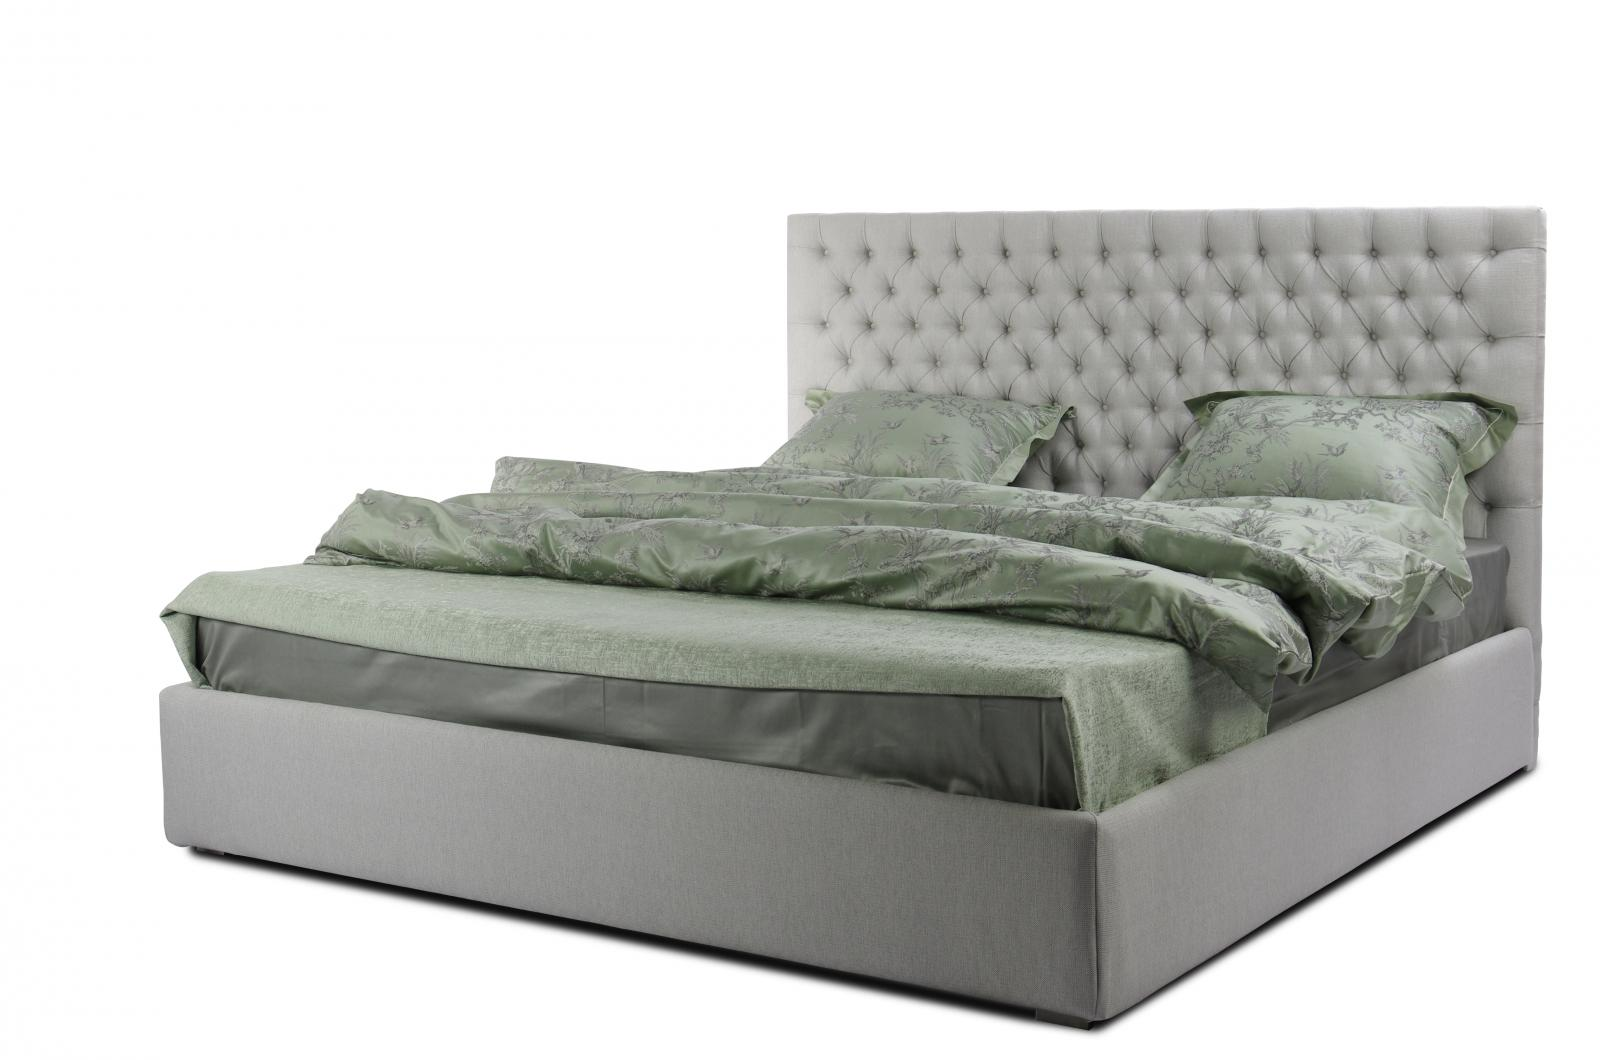 Купить Кровать Alfabed Vision с подъемным механизмом 200х200, inmyroom, Италия